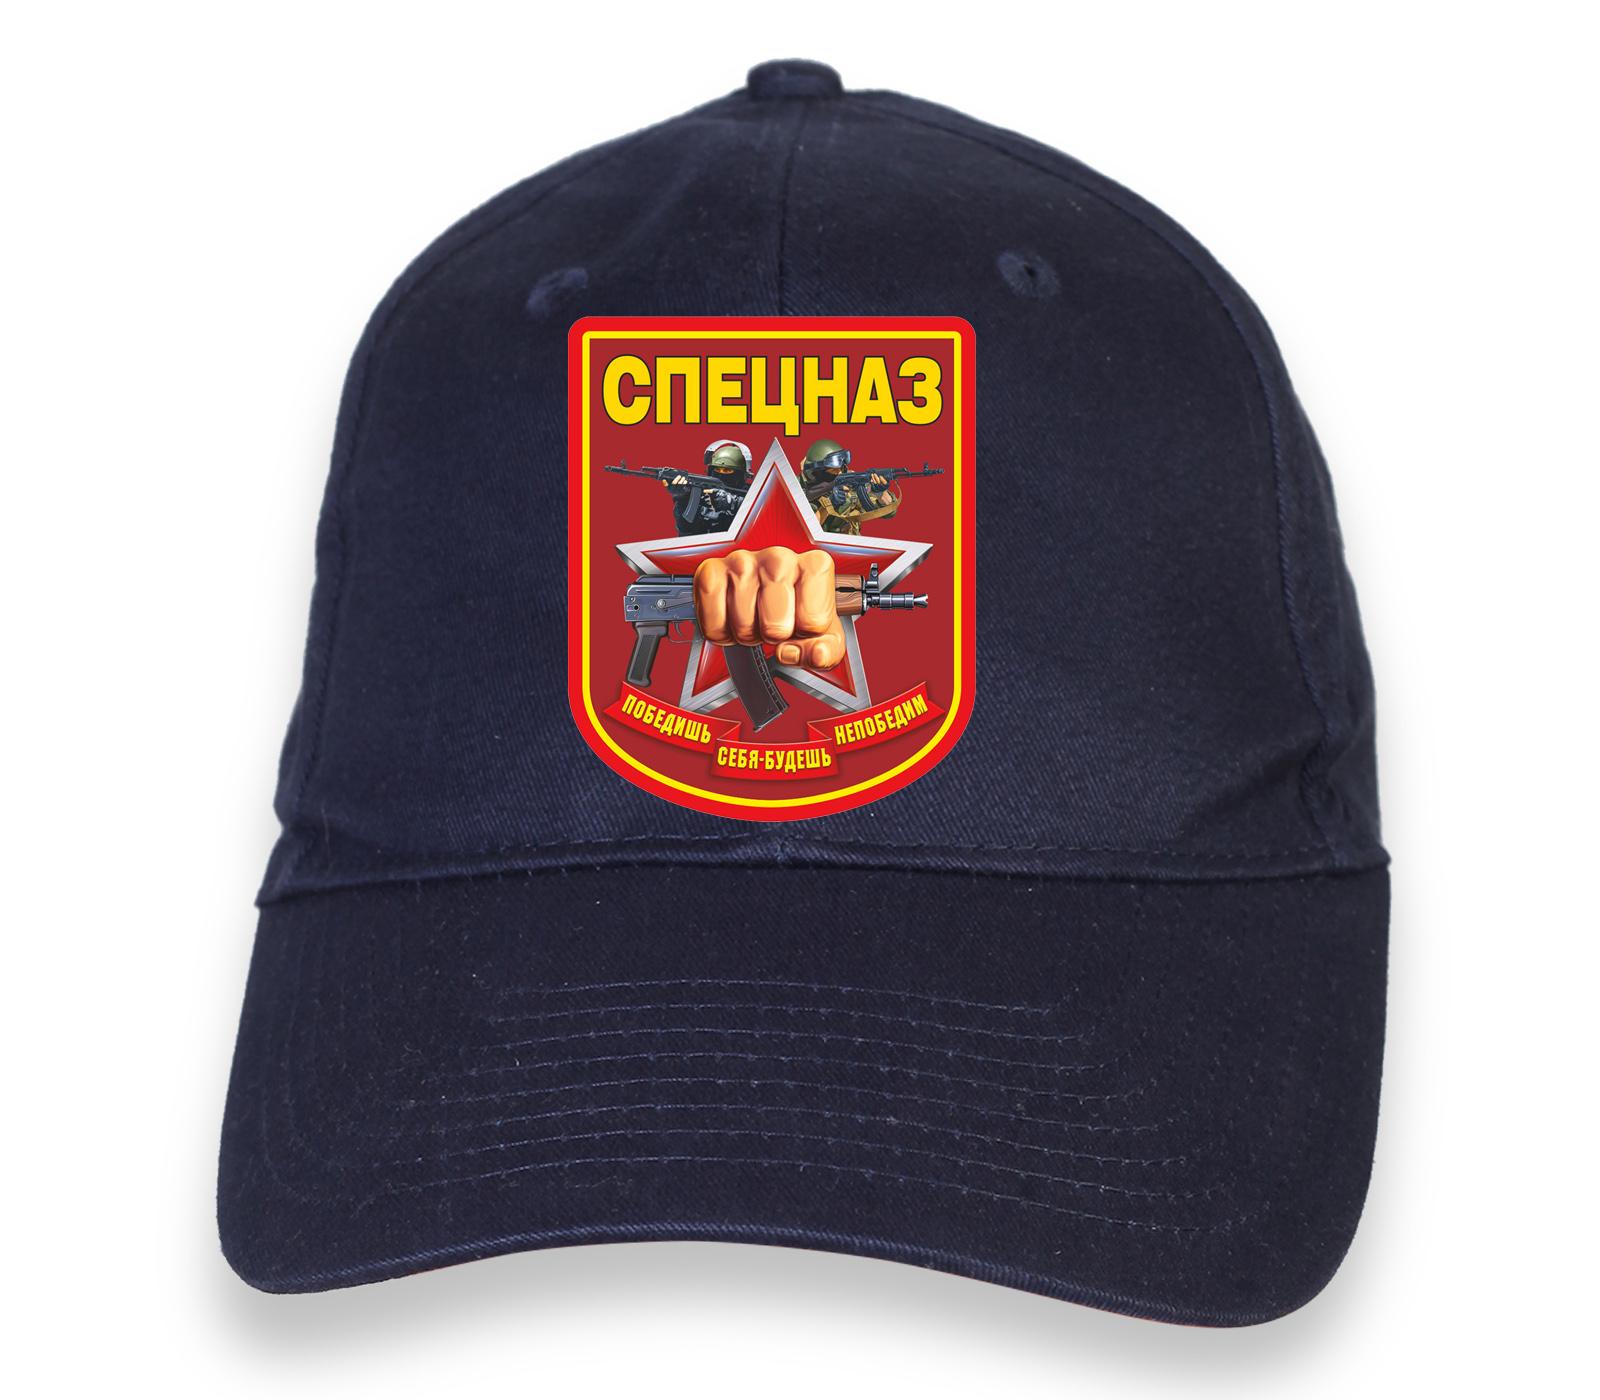 Купить кепку с принтом Спецназа Росгвардии